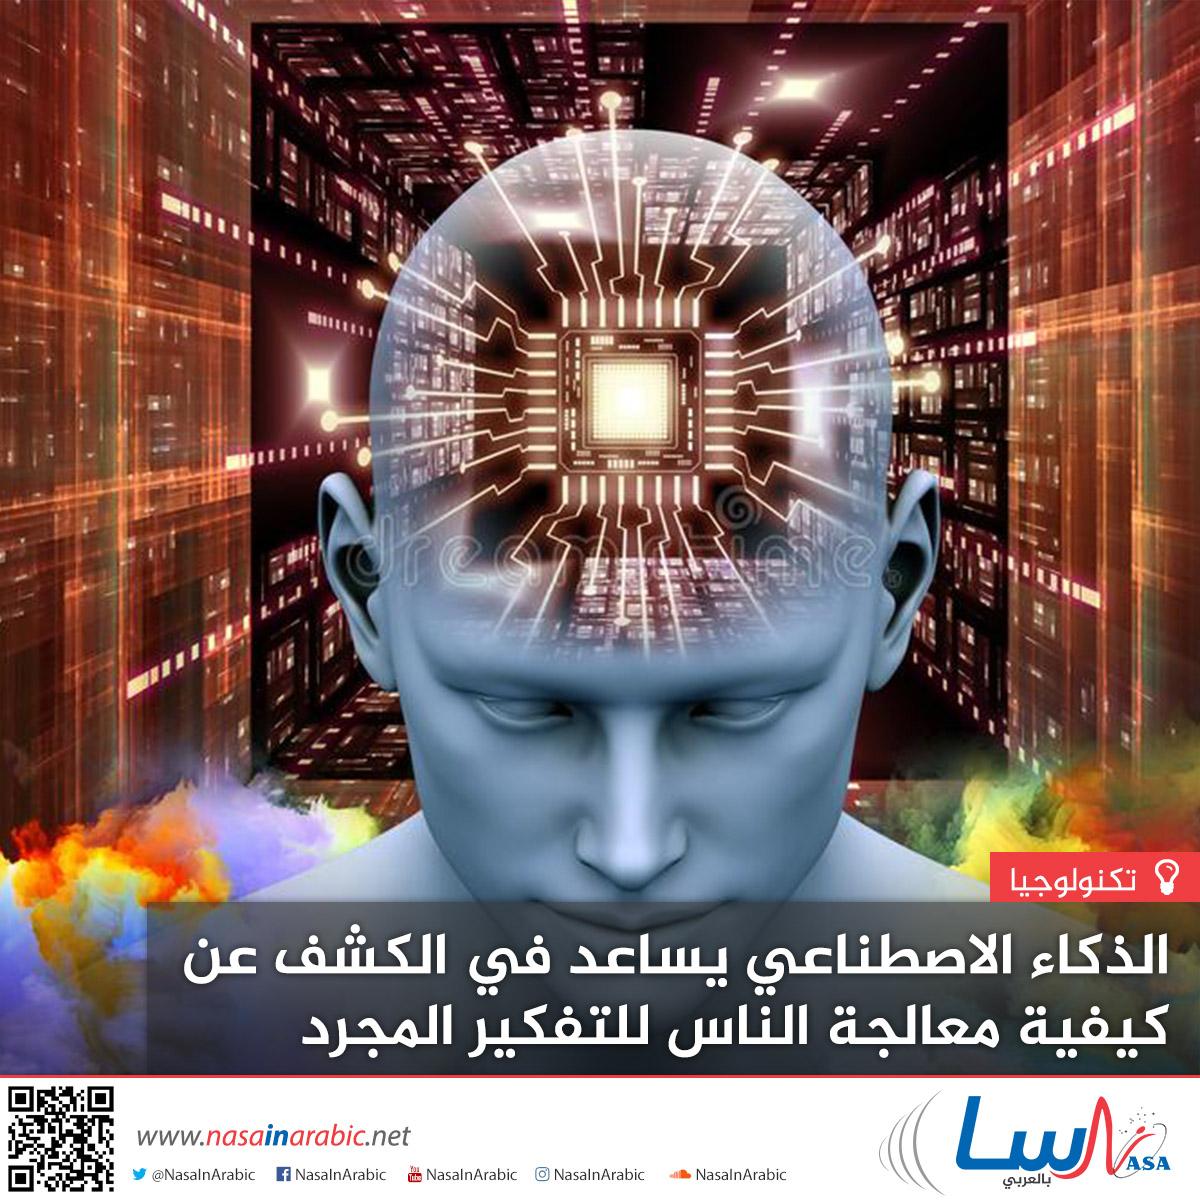 الذكاء الاصطناعي يساعد في الكشف عن كيفية معالجة الناس للتفكير المجرد